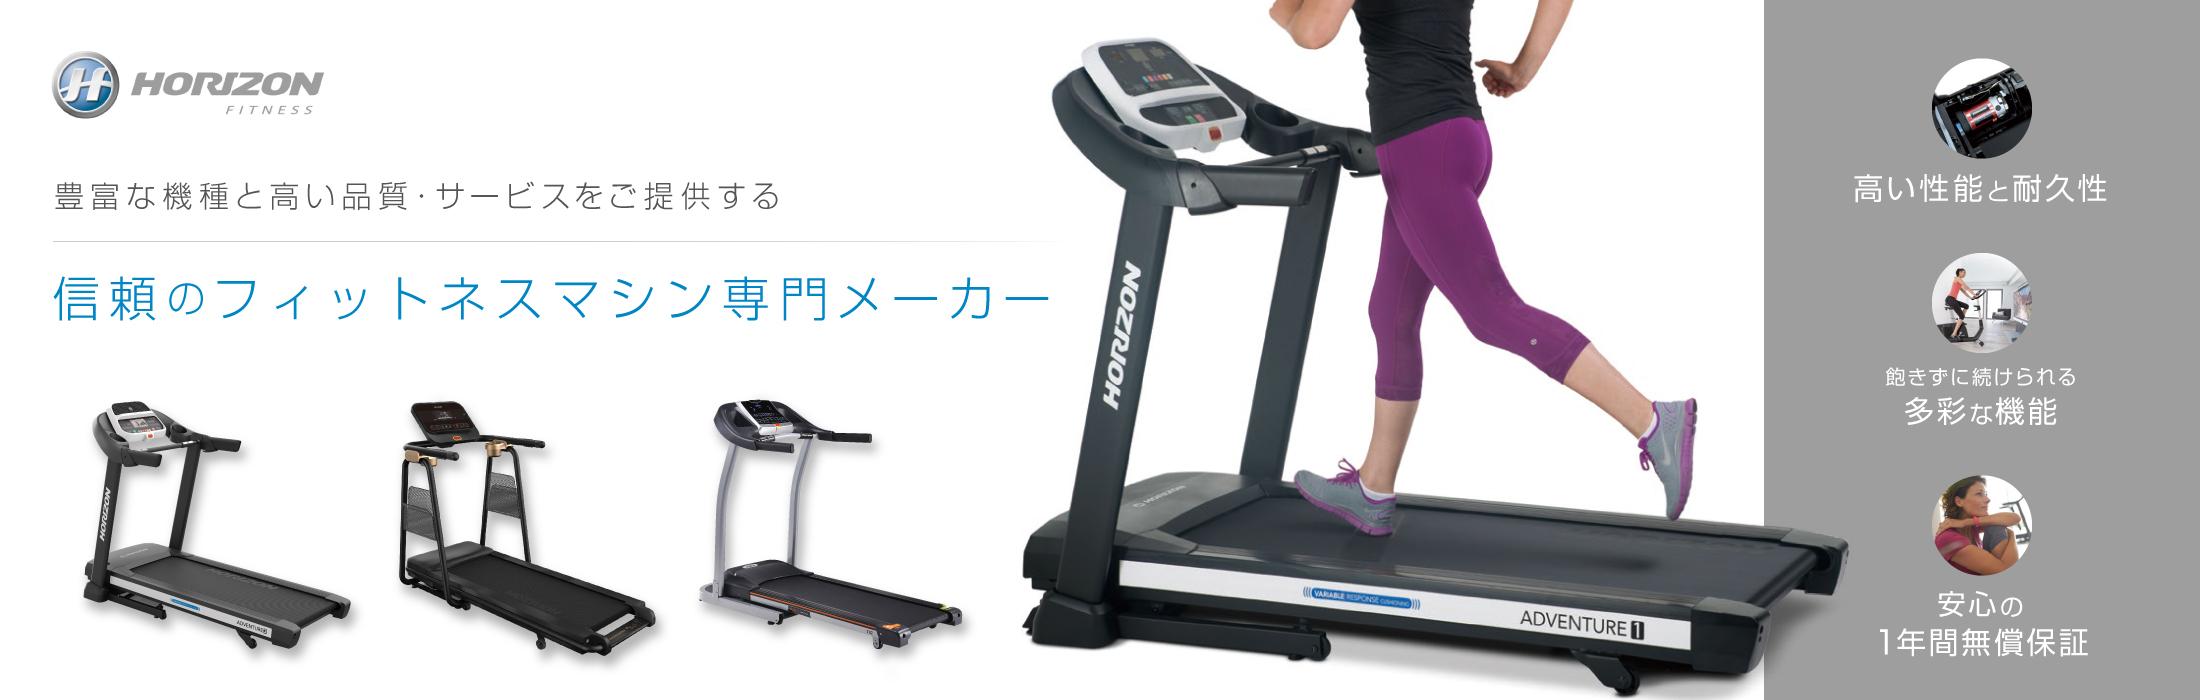 大阪 ショールーム 展示 GR7 関西